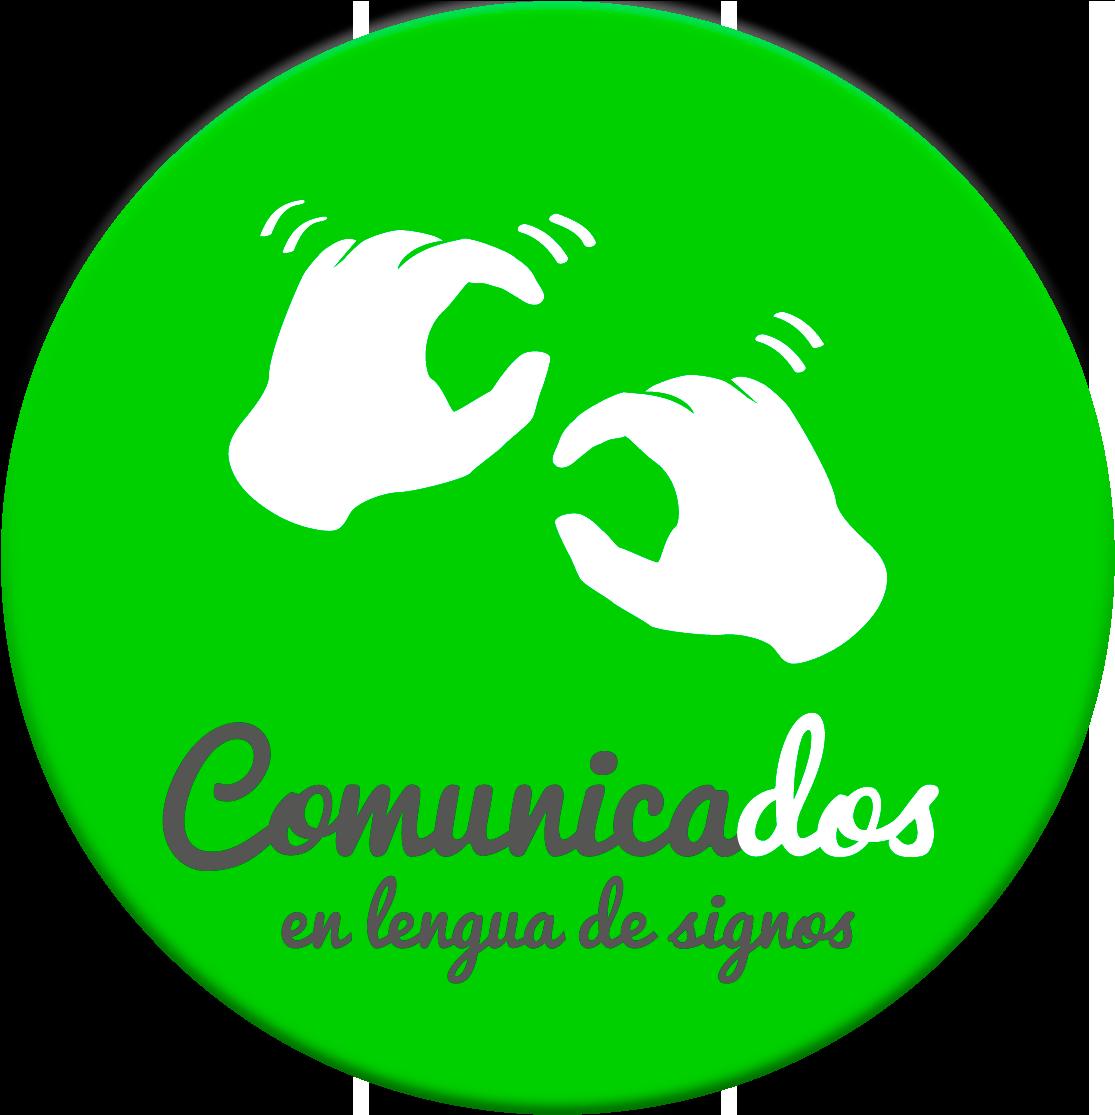 Comunicados  Video interpretación en Lengua de signos. Portal de comunicación